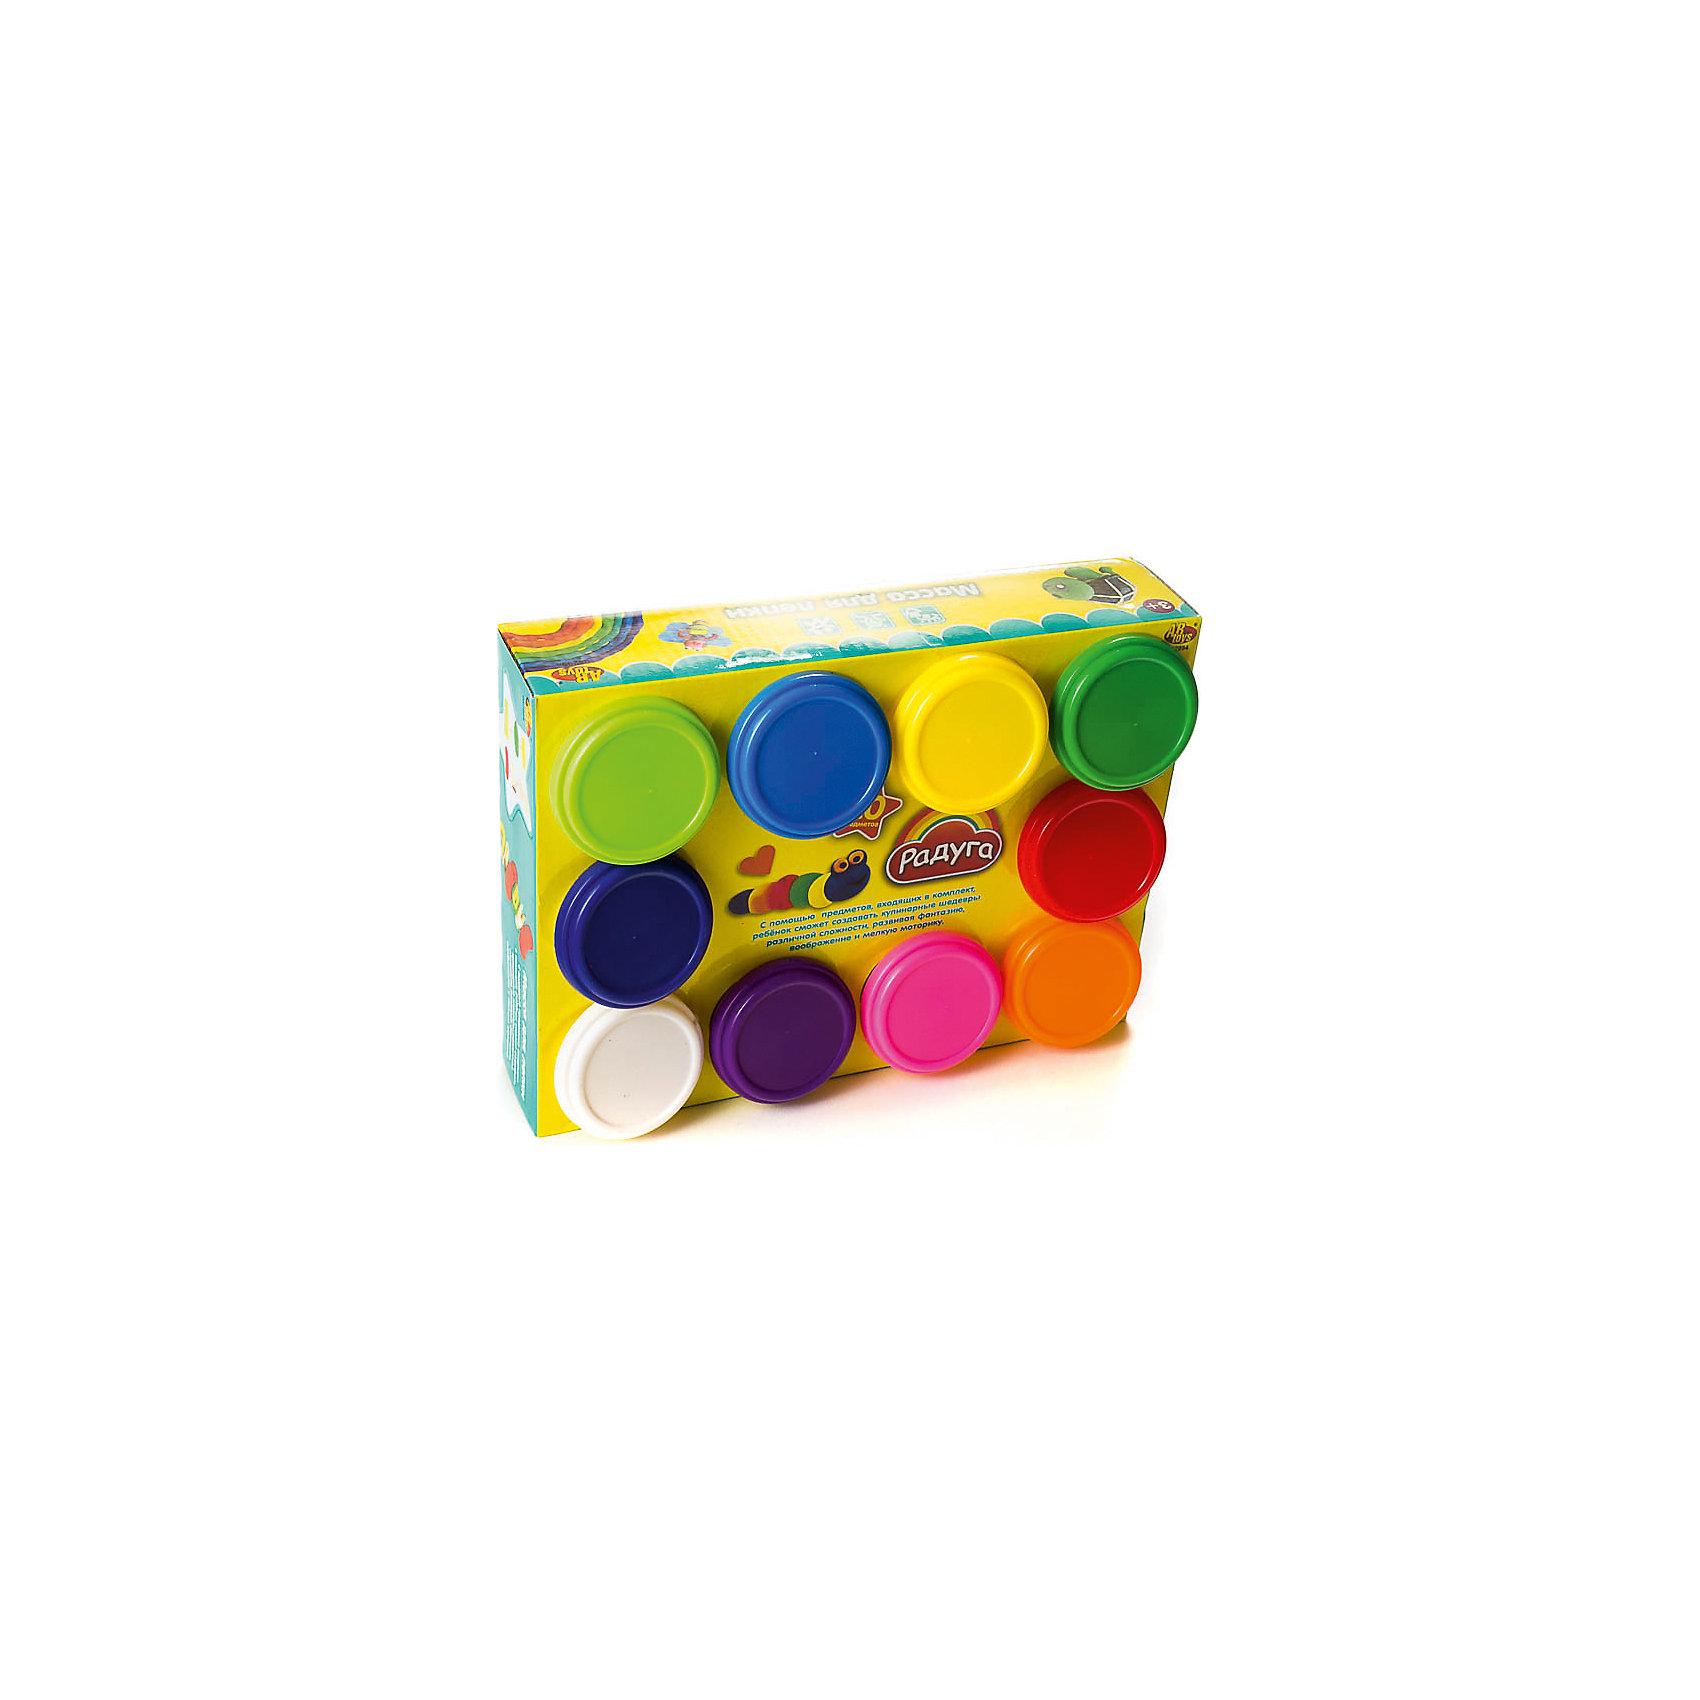 Набор Масса для лепки (10 разноцветных баночек)Наборы для лепки<br>Масса для лепки, 10 баночек, Радуга<br><br>Характеристика:<br><br>-10 разноцветных баночек с массой для лепки<br>-Состав: пластилин, пластмасса <br>-Возраст: от 3 лет<br>-Производитель: MERX Limited<br><br>Масса для лепки поможет вашему ребёнку развить мелкую моторику рук, воображение и фантазию. Благодаря мягкой текстуре, масса будет с легкостью принимать любую форму. с Помощью такого набора ребёнок сможет не ограничивать свое воображение и слепить все, что ему захочется.<br><br>Масса для лепки, 10 баночек, Радуга можно приобрести в нашем интернет-магазине.<br><br>Ширина мм: 250<br>Глубина мм: 190<br>Высота мм: 60<br>Вес г: 750<br>Возраст от месяцев: 36<br>Возраст до месяцев: 144<br>Пол: Унисекс<br>Возраст: Детский<br>SKU: 5078257